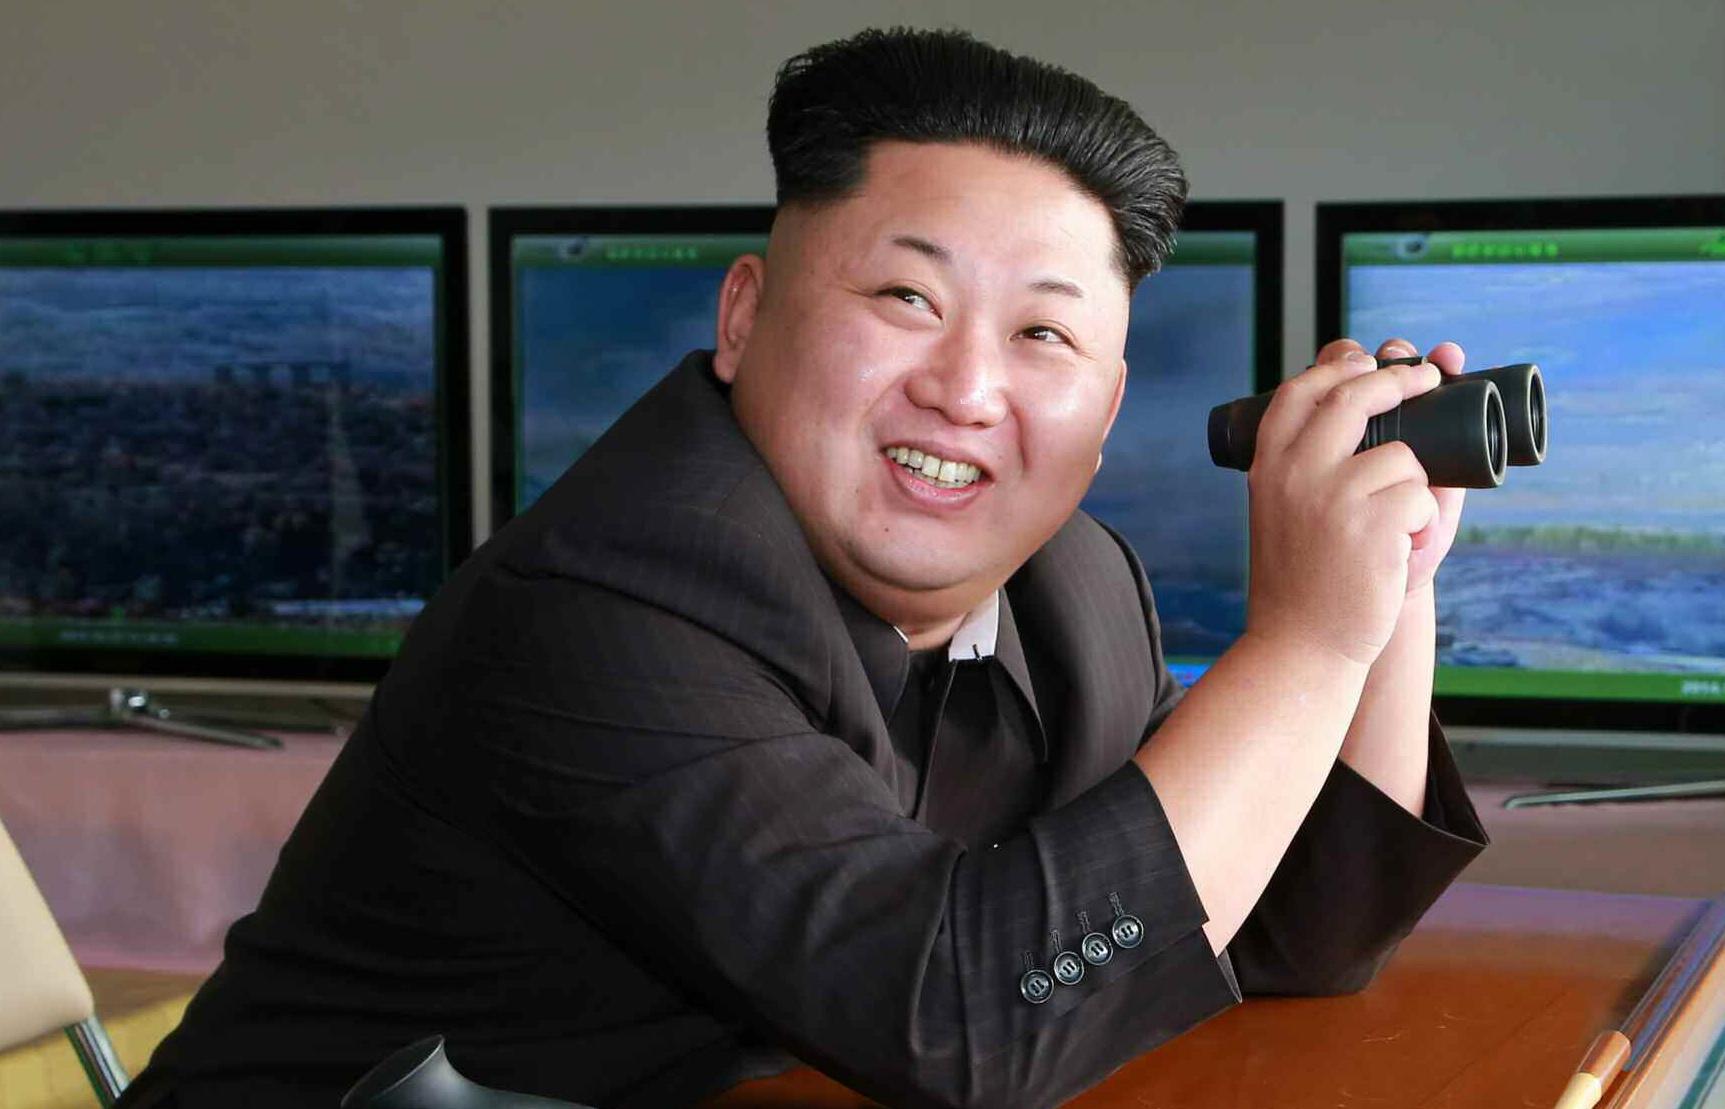 В КНДР разработали новый спутник, – СМИ